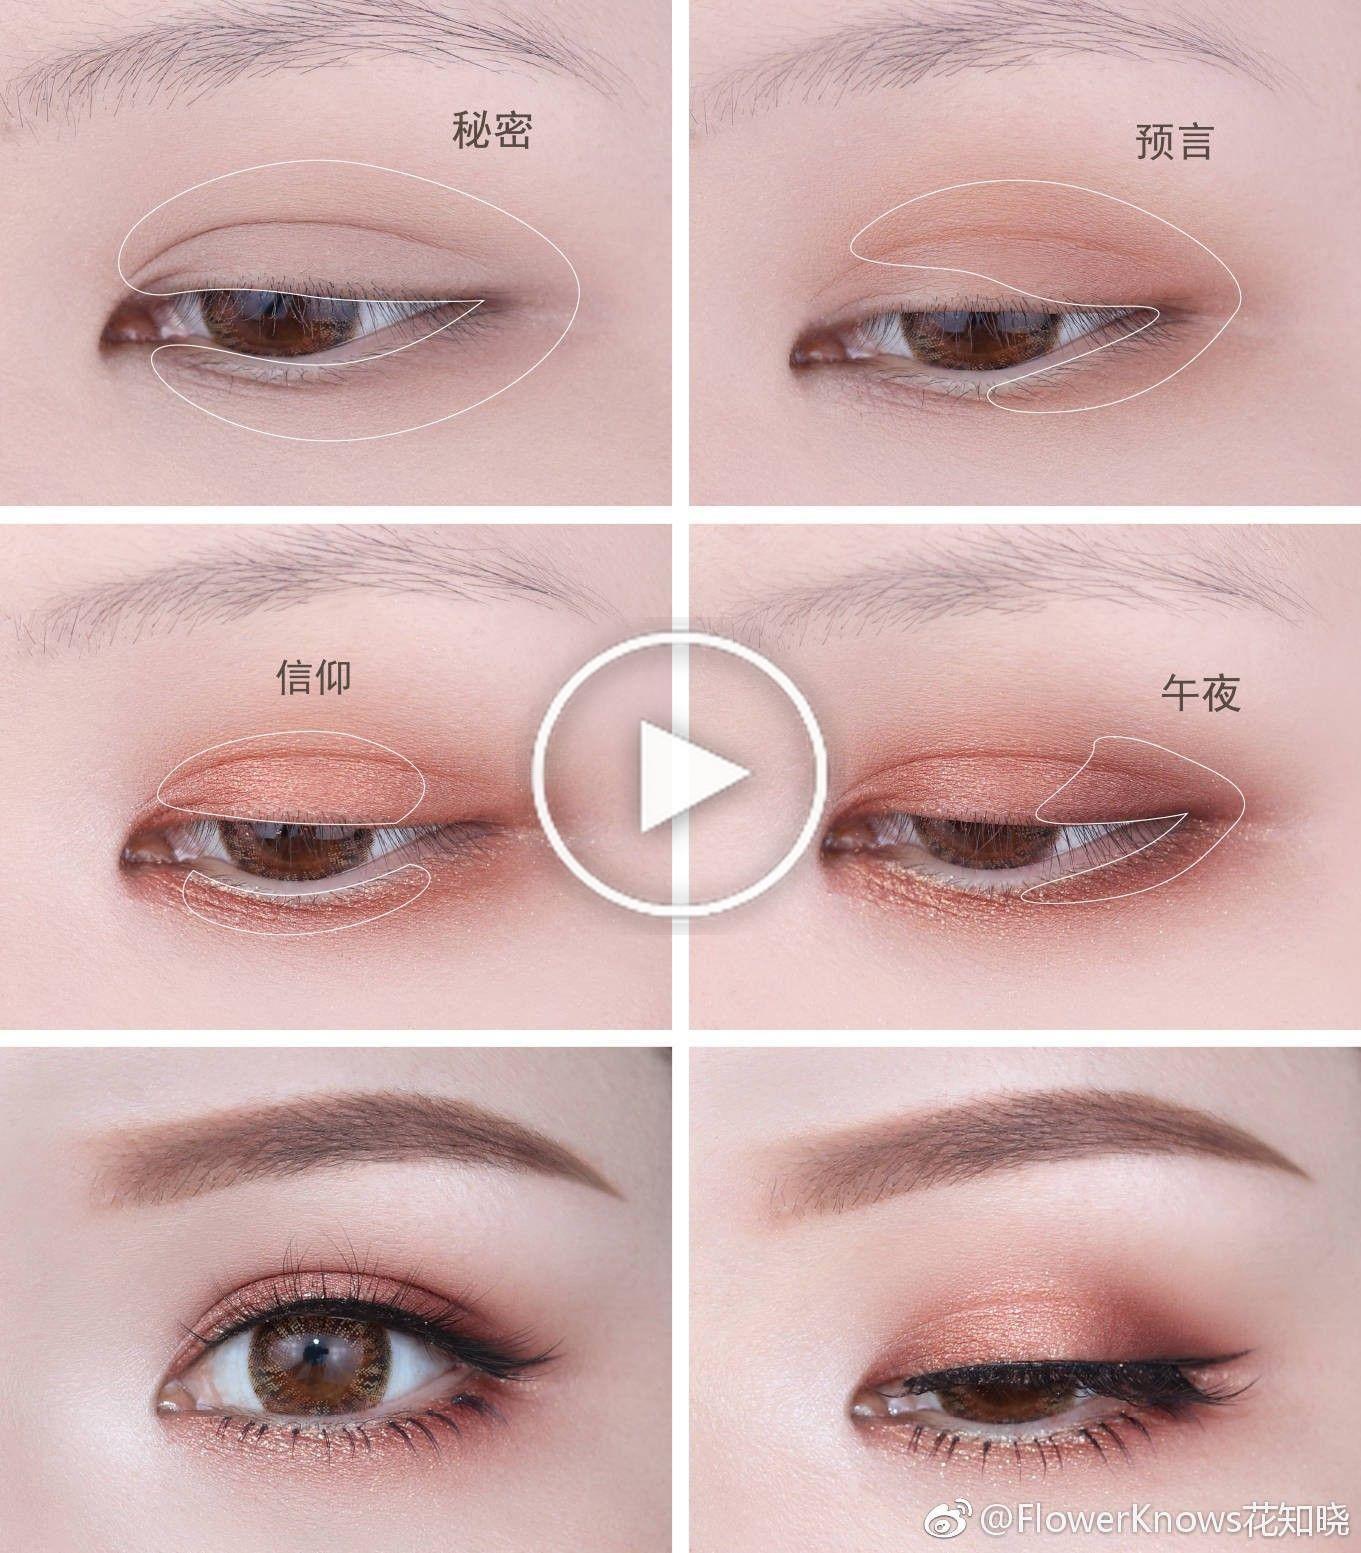 #BeautyTipsSkin #KoreanMakeupLipstick